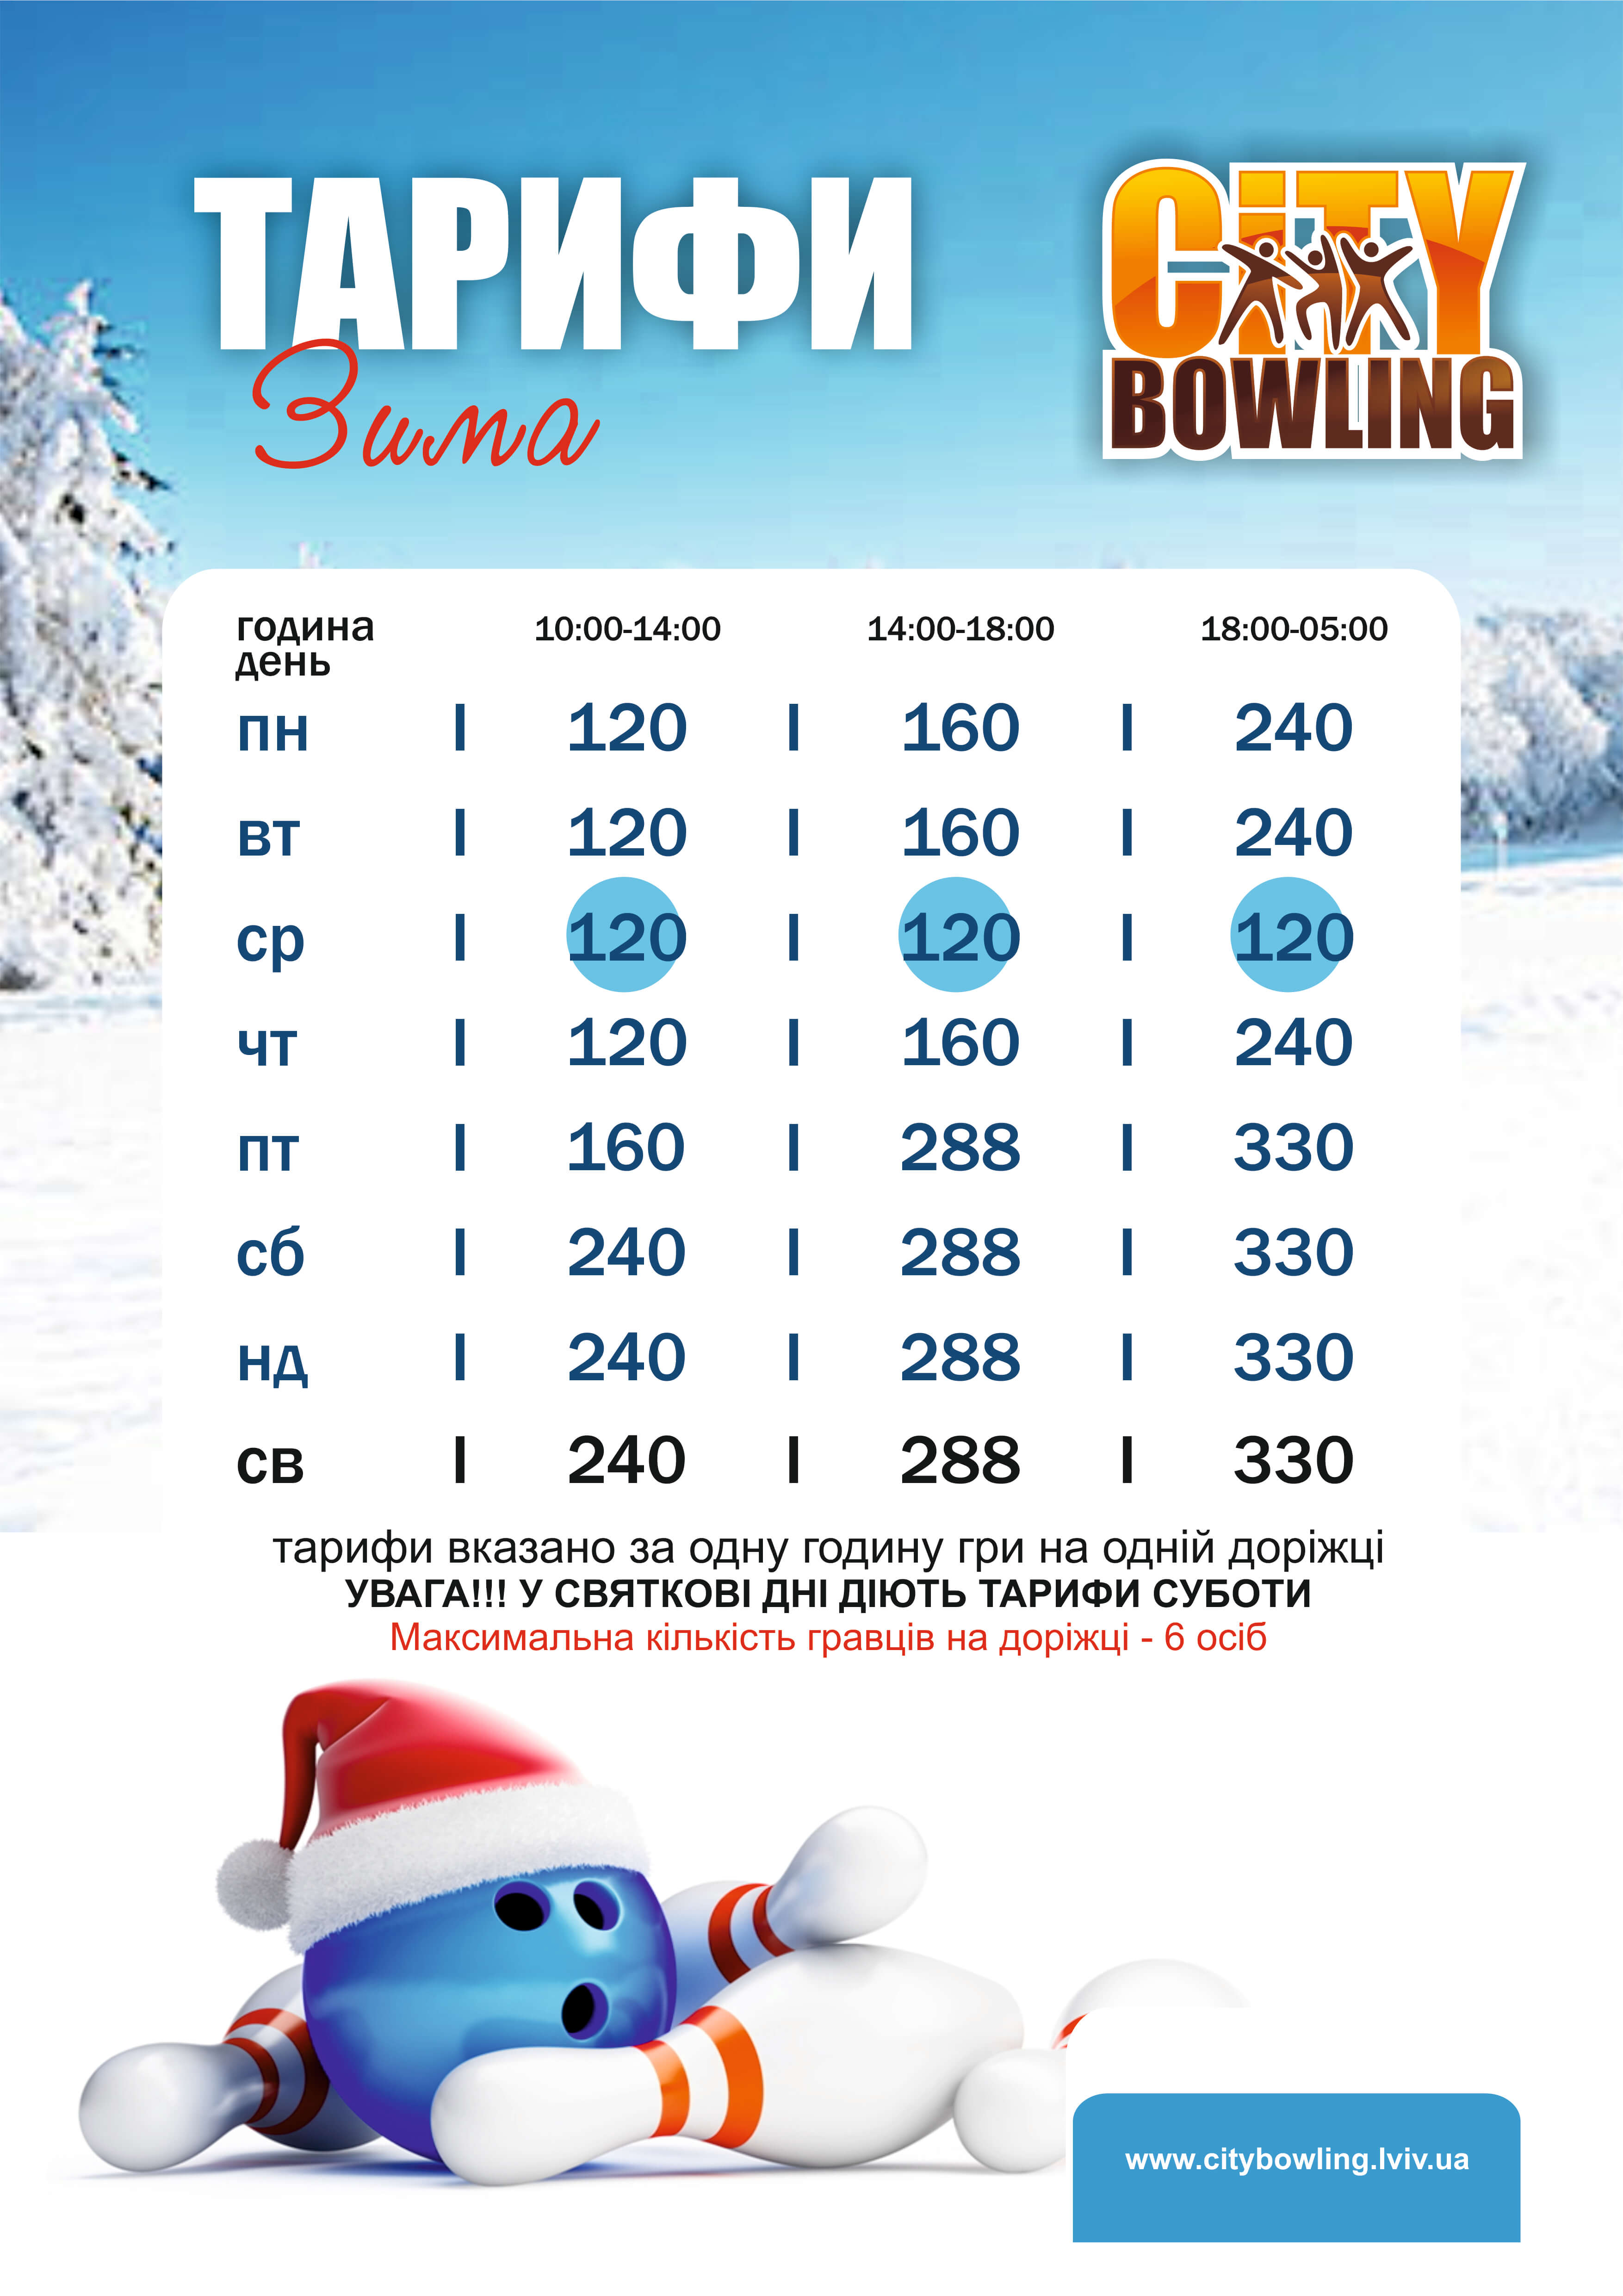 В City Bowling - зимові ціни!